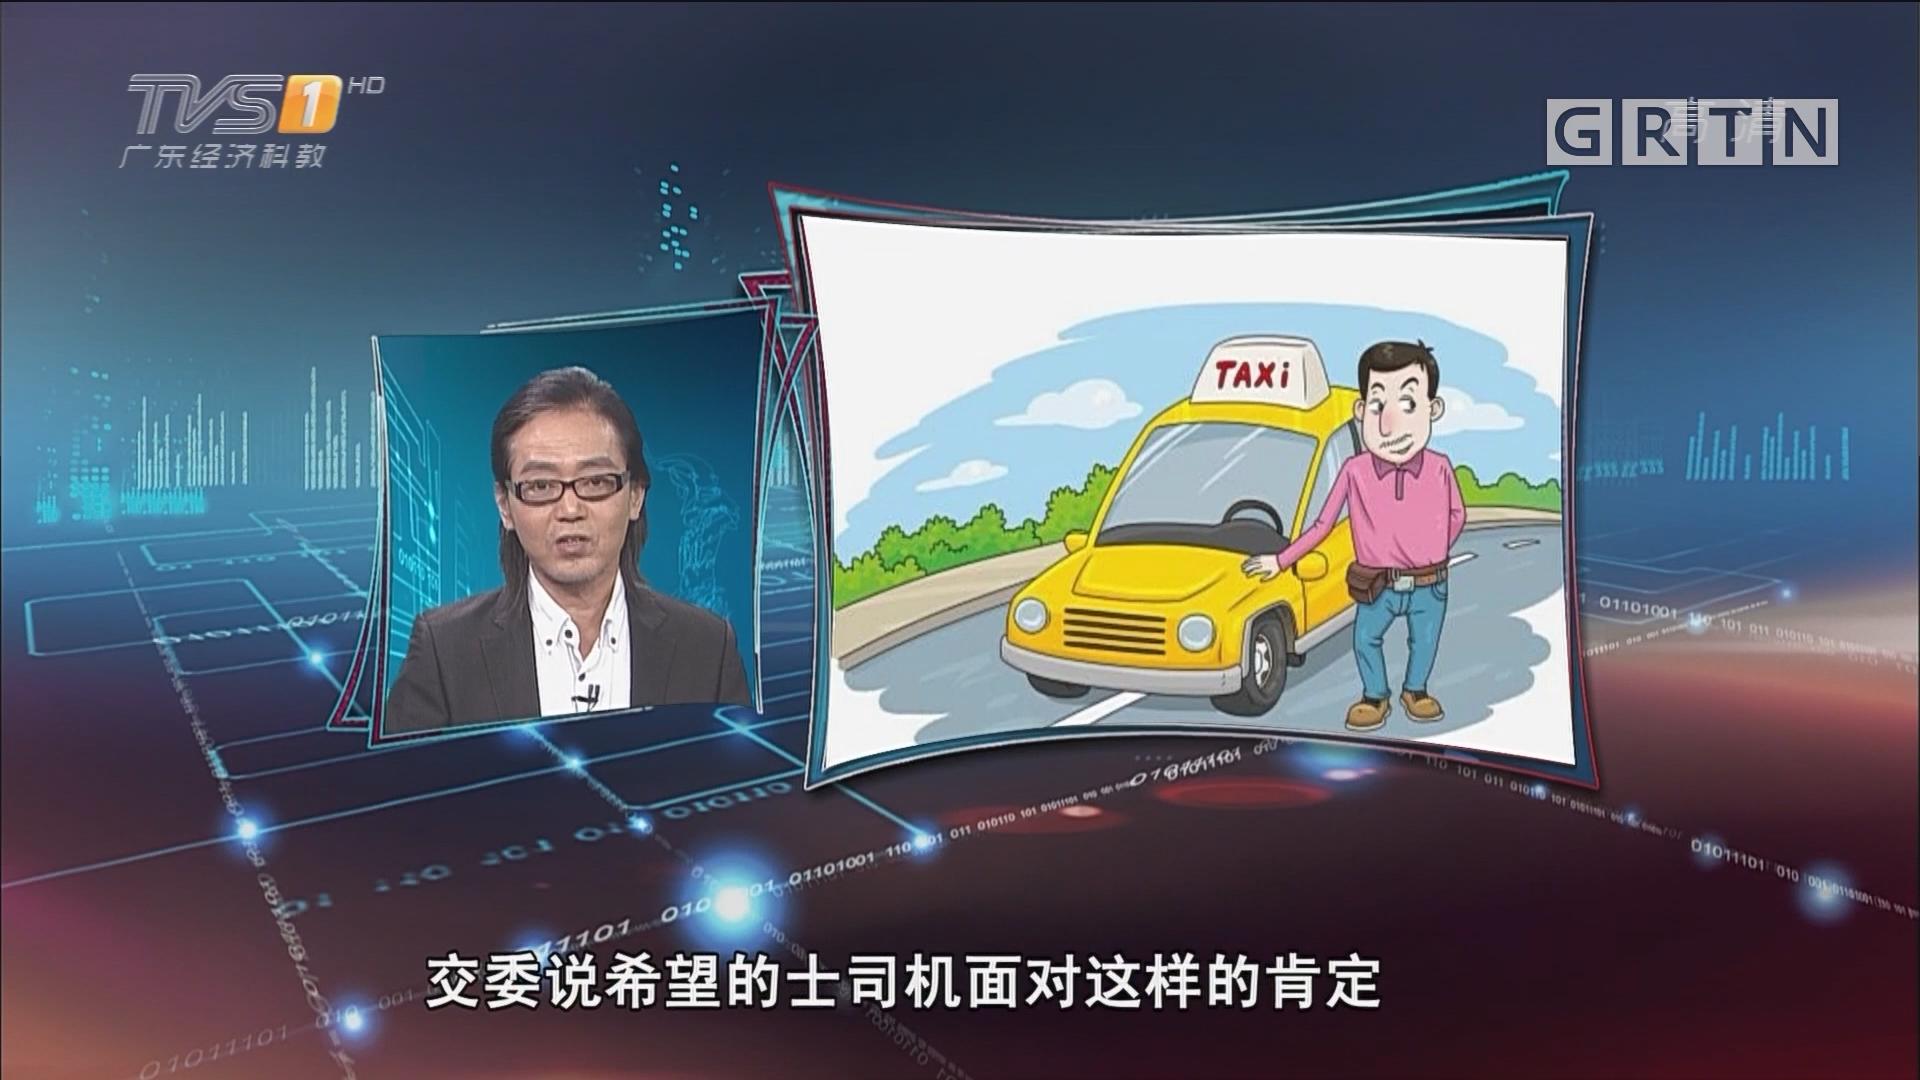 """[HD][2017-10-27]马后炮:的士司机成""""急需"""" 积分入户放宽标准是好事"""